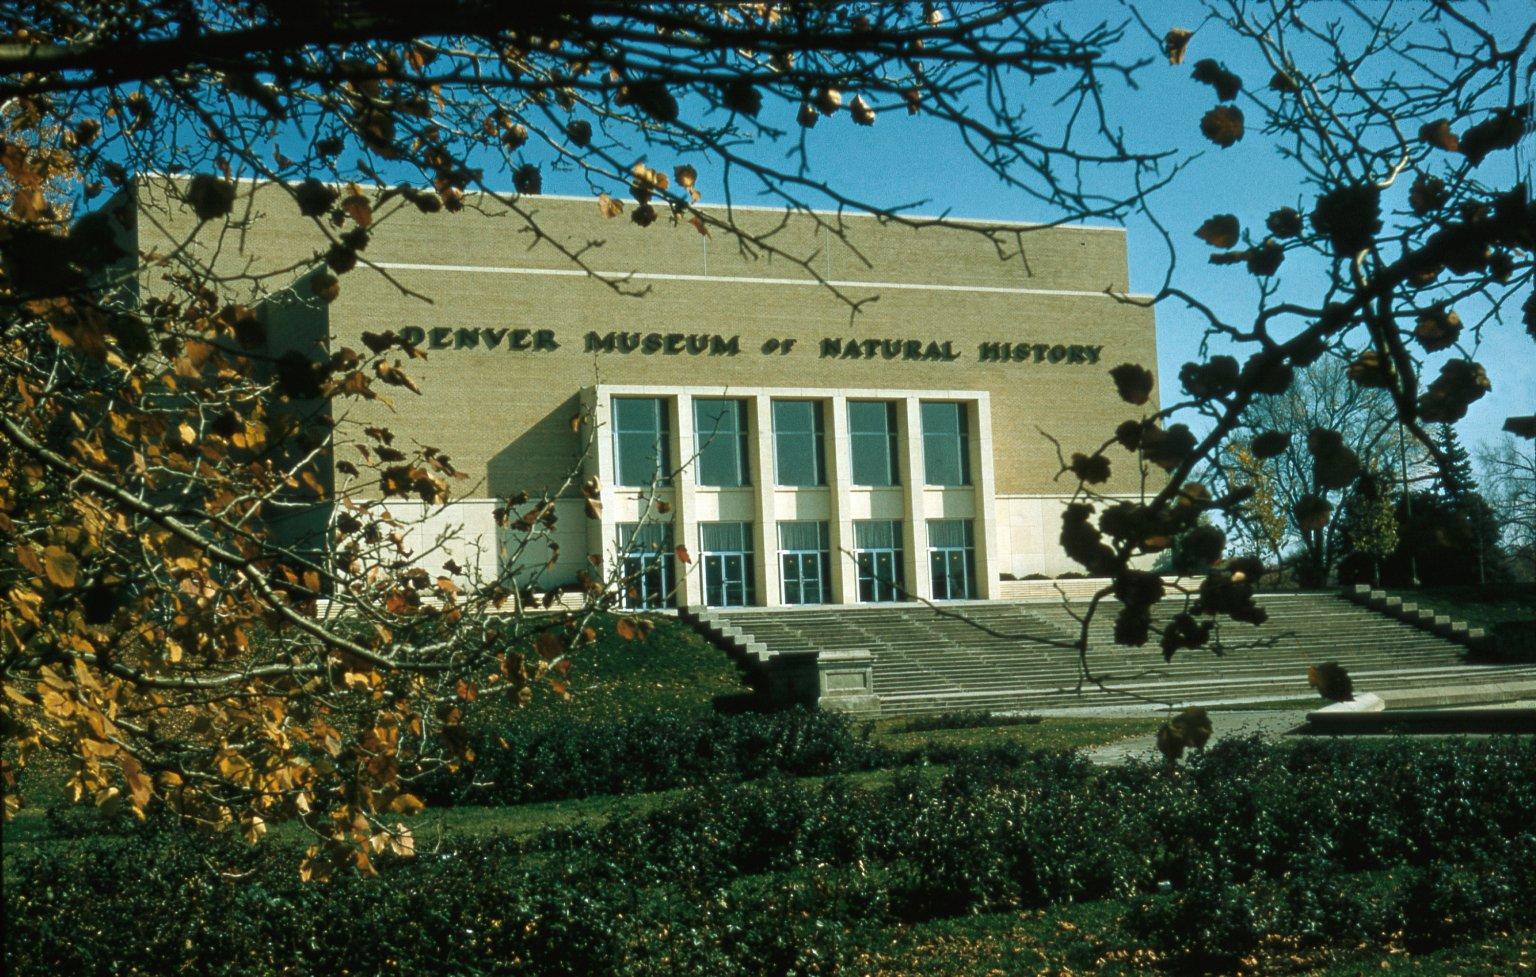 Denver Museun of Natural History